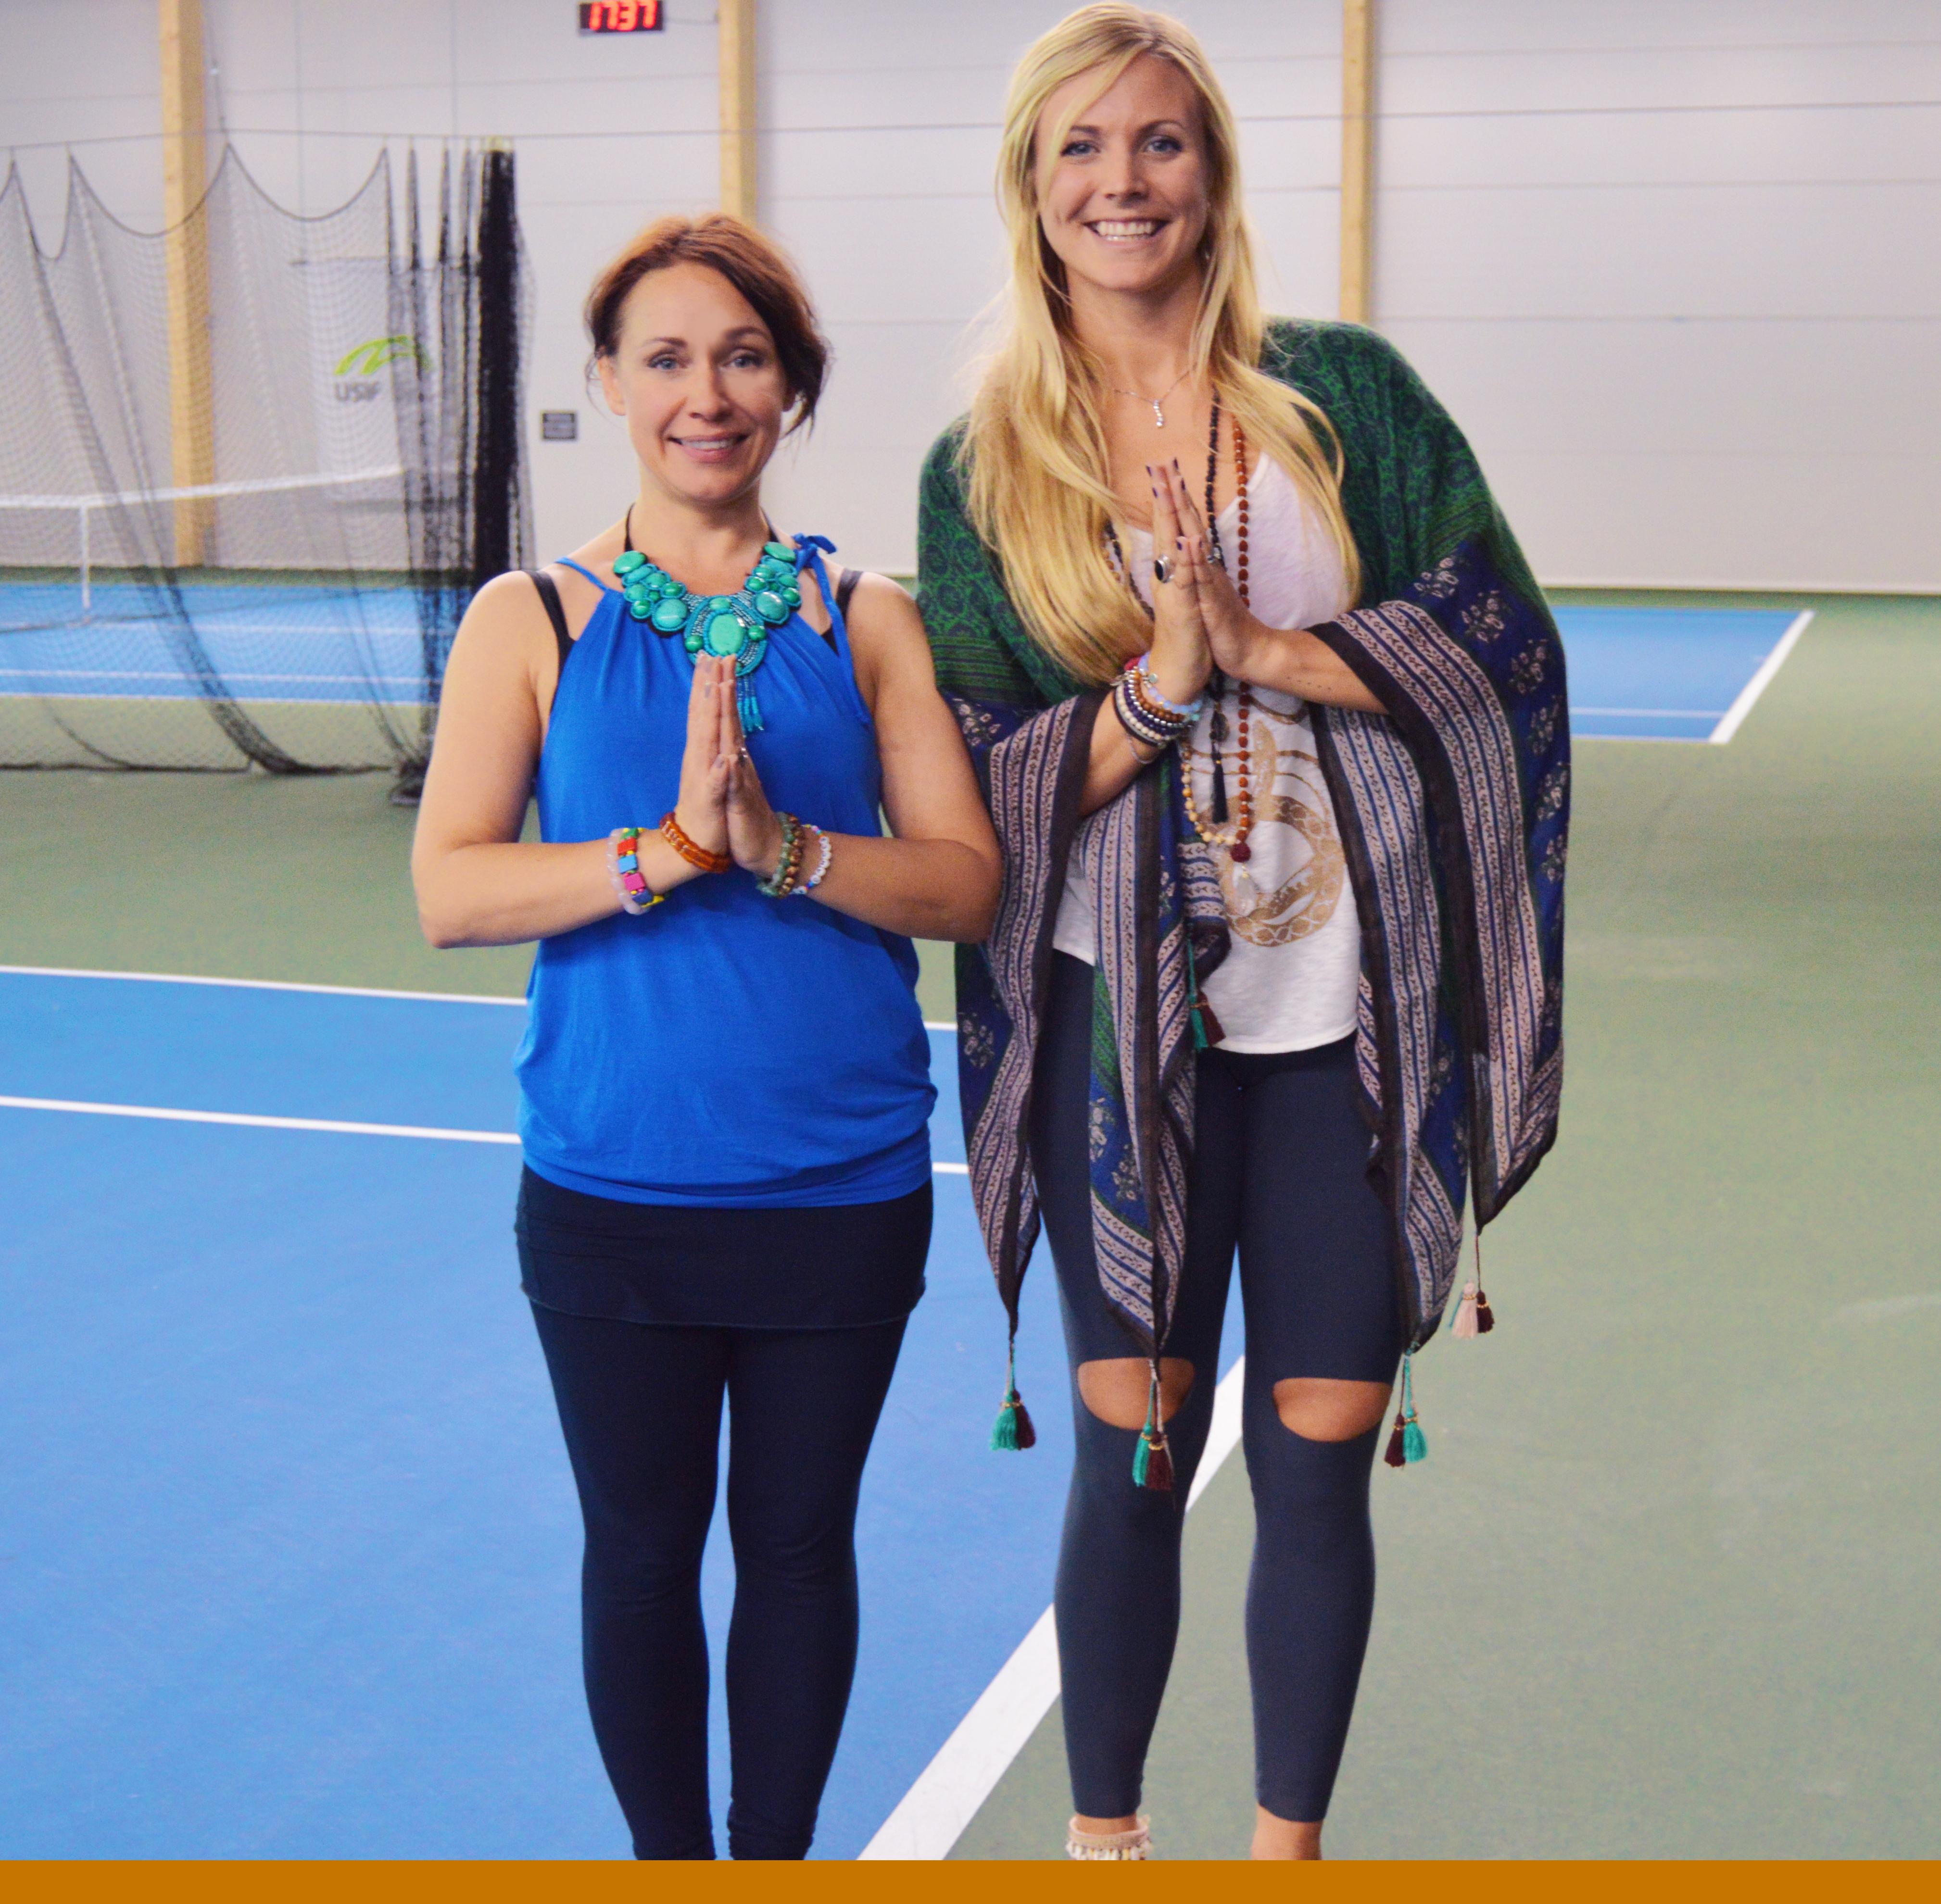 tanja-dyredand-yogagirl-rachel-brathen-1